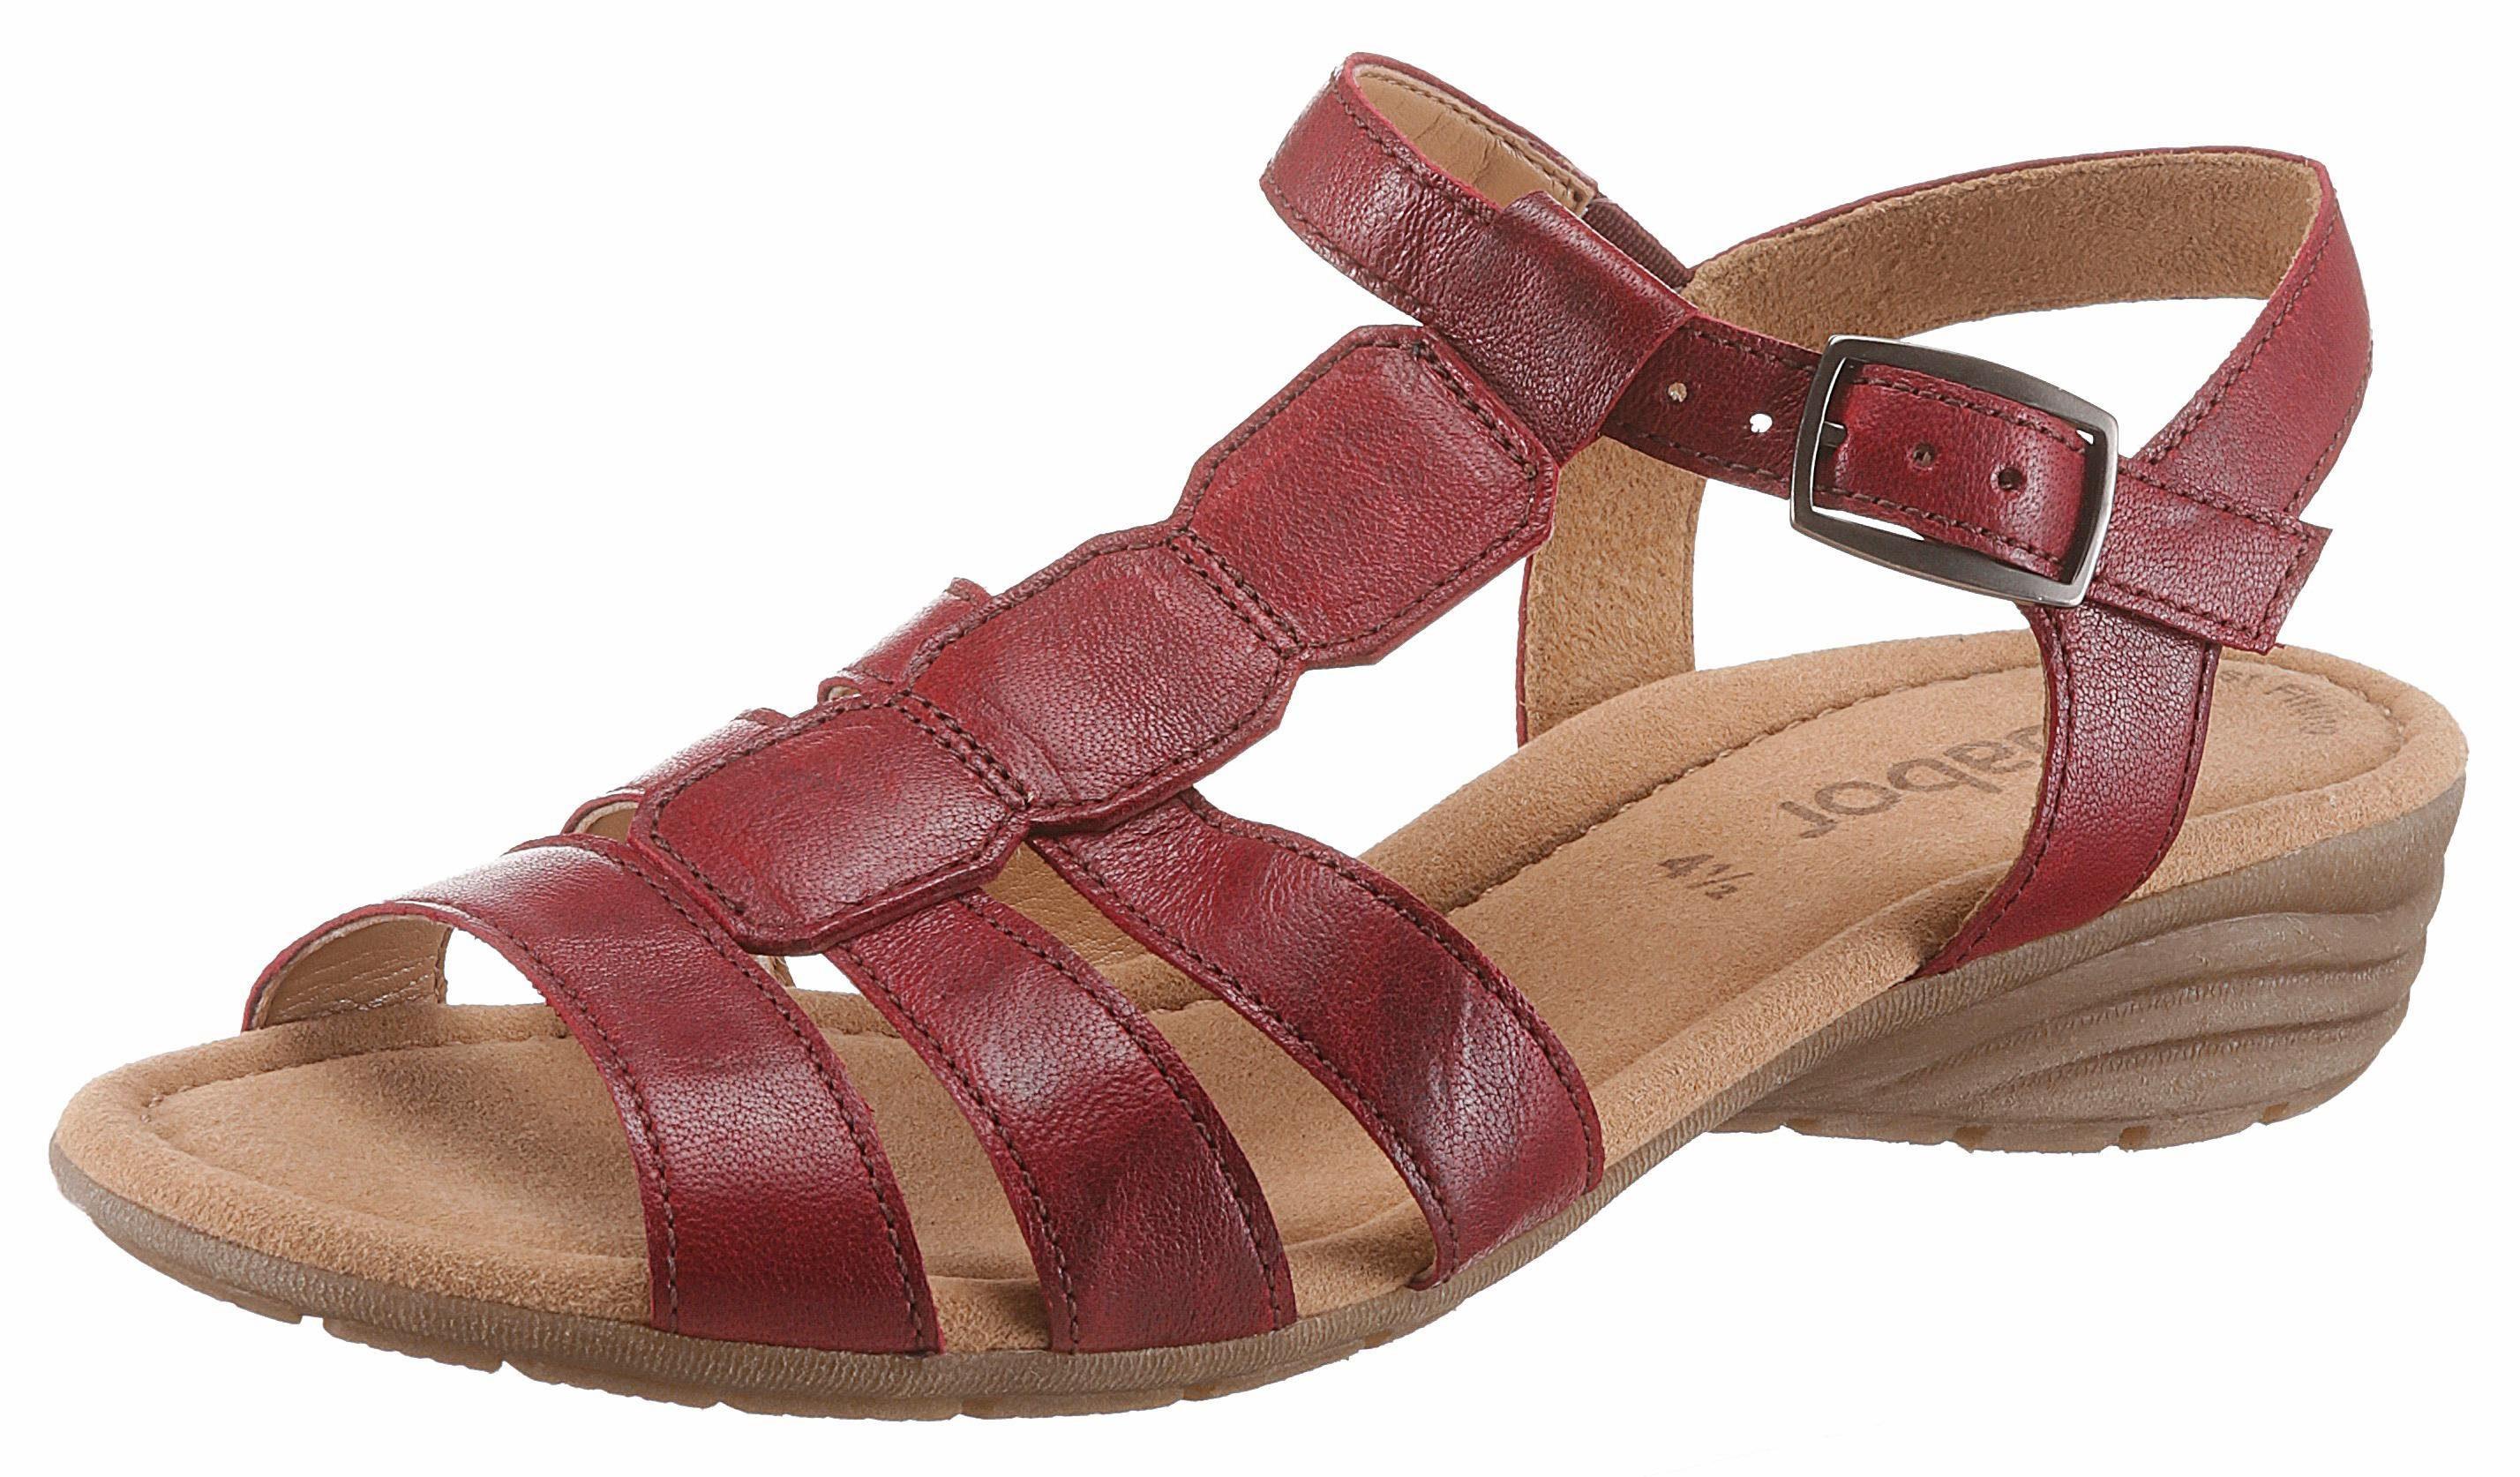 Sandales Rouges 4,5 Par Gabor